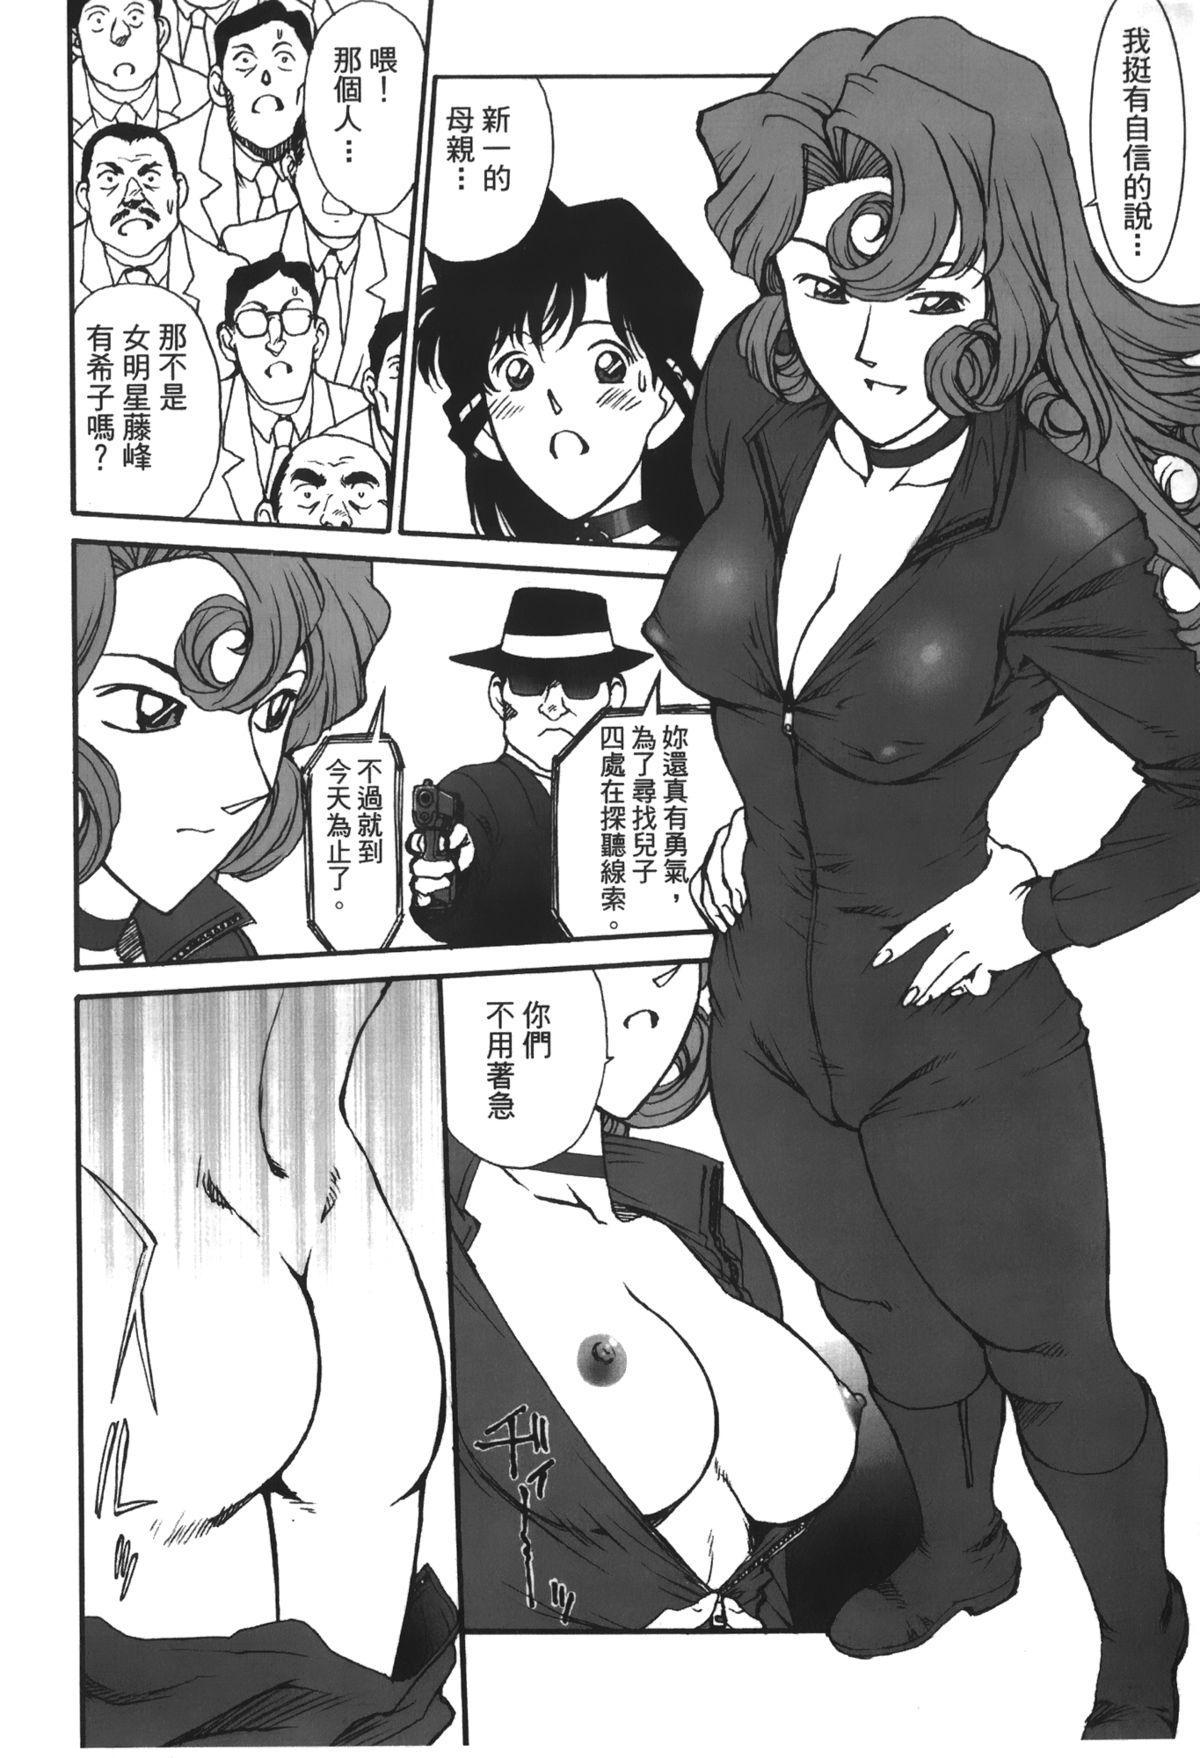 Detective Assistant Vol. 13 6